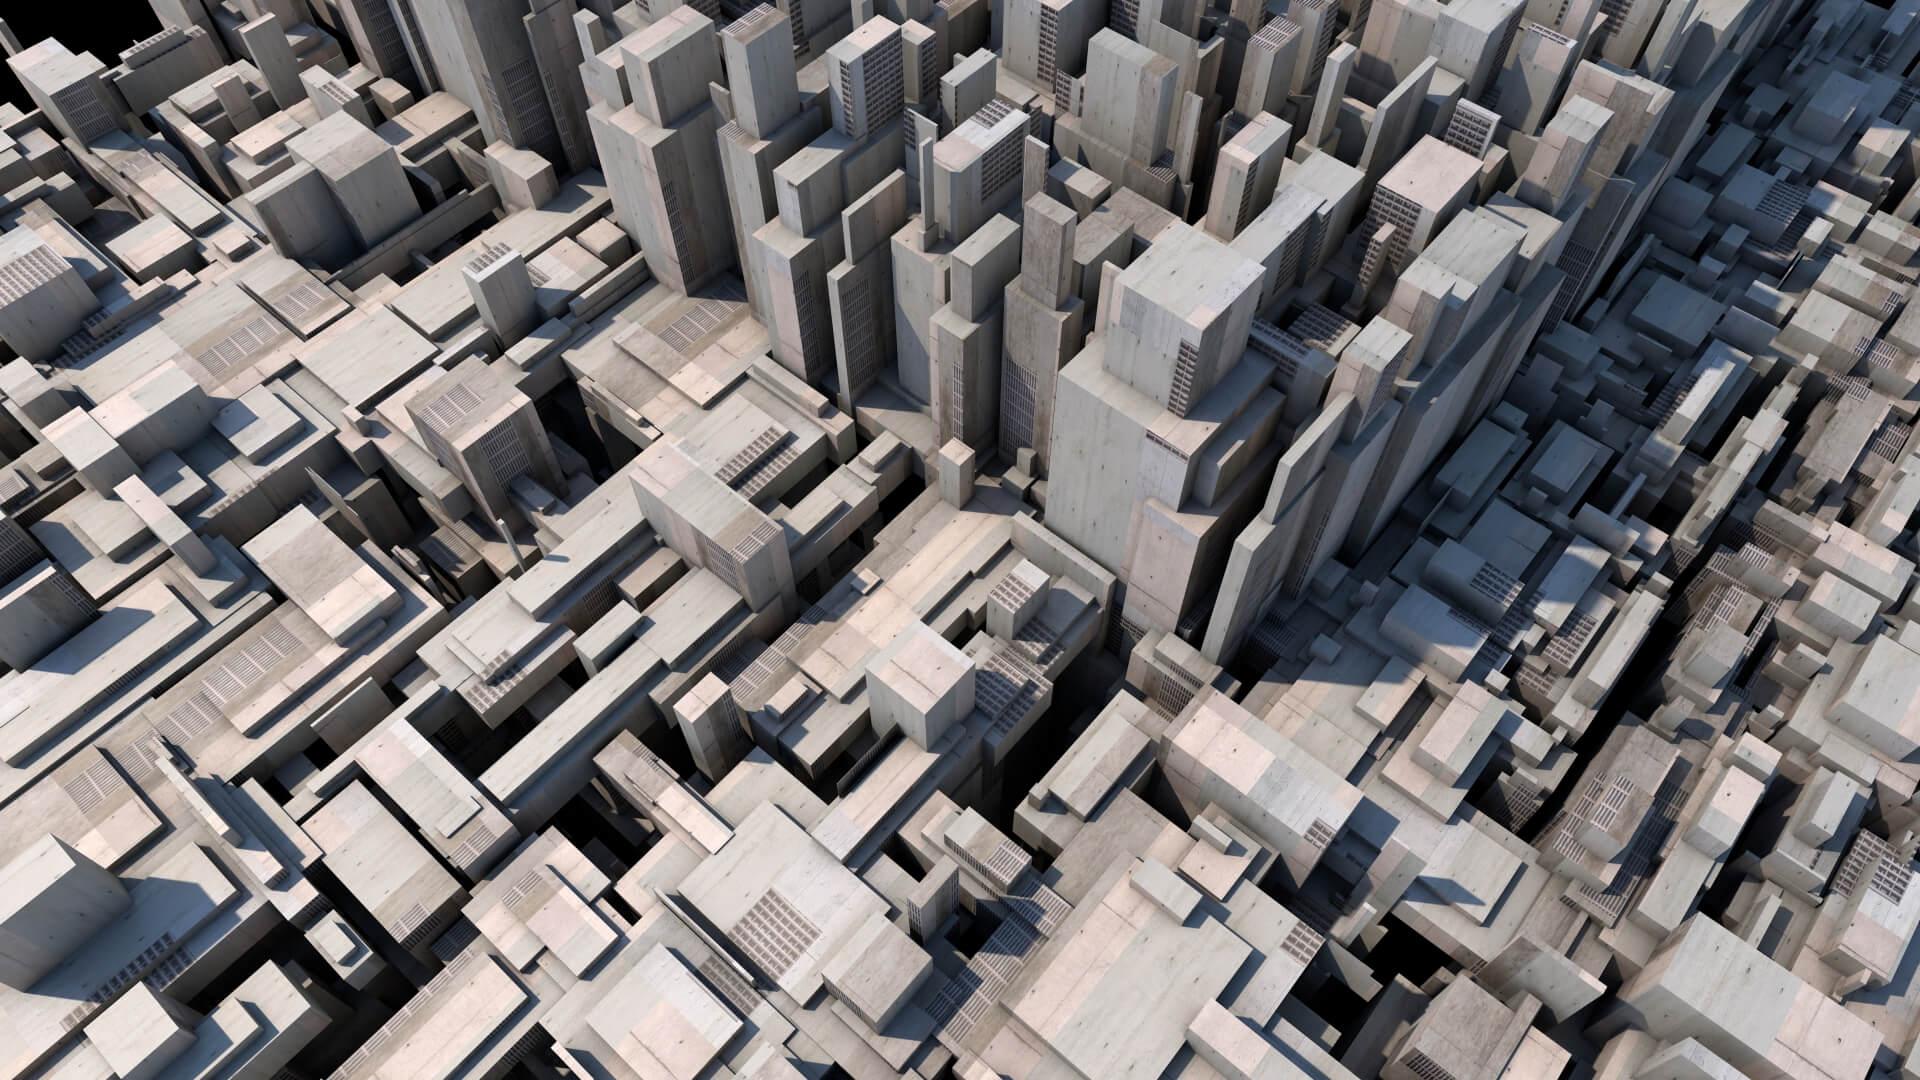 3Dで作成された街並みの画像